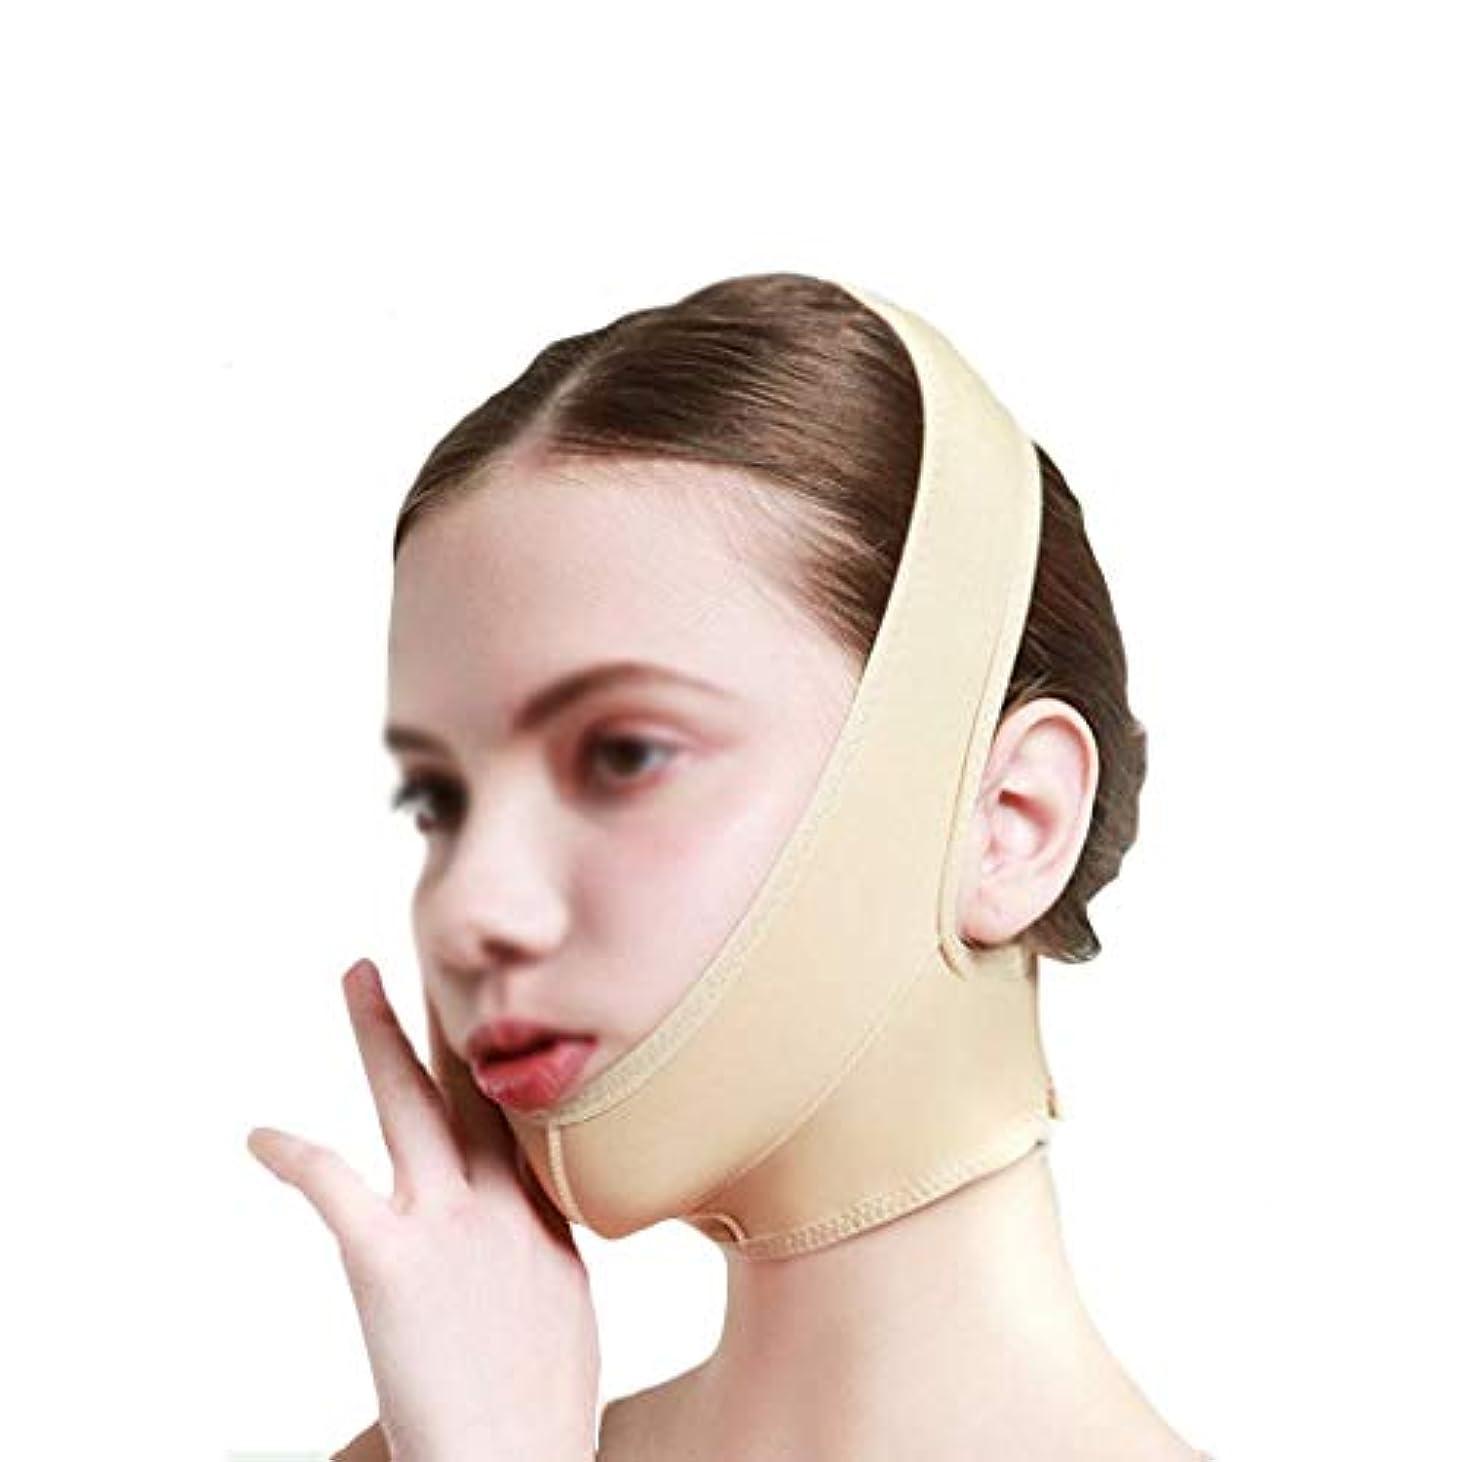 悪性のからに変化するのどダブルチンリデューサー、フェイススリミングマスク、フェイスリフティング、ストレッチマスク、ダブルチン、浮腫緩和、ケアツール、通気性(サイズ:XL),S